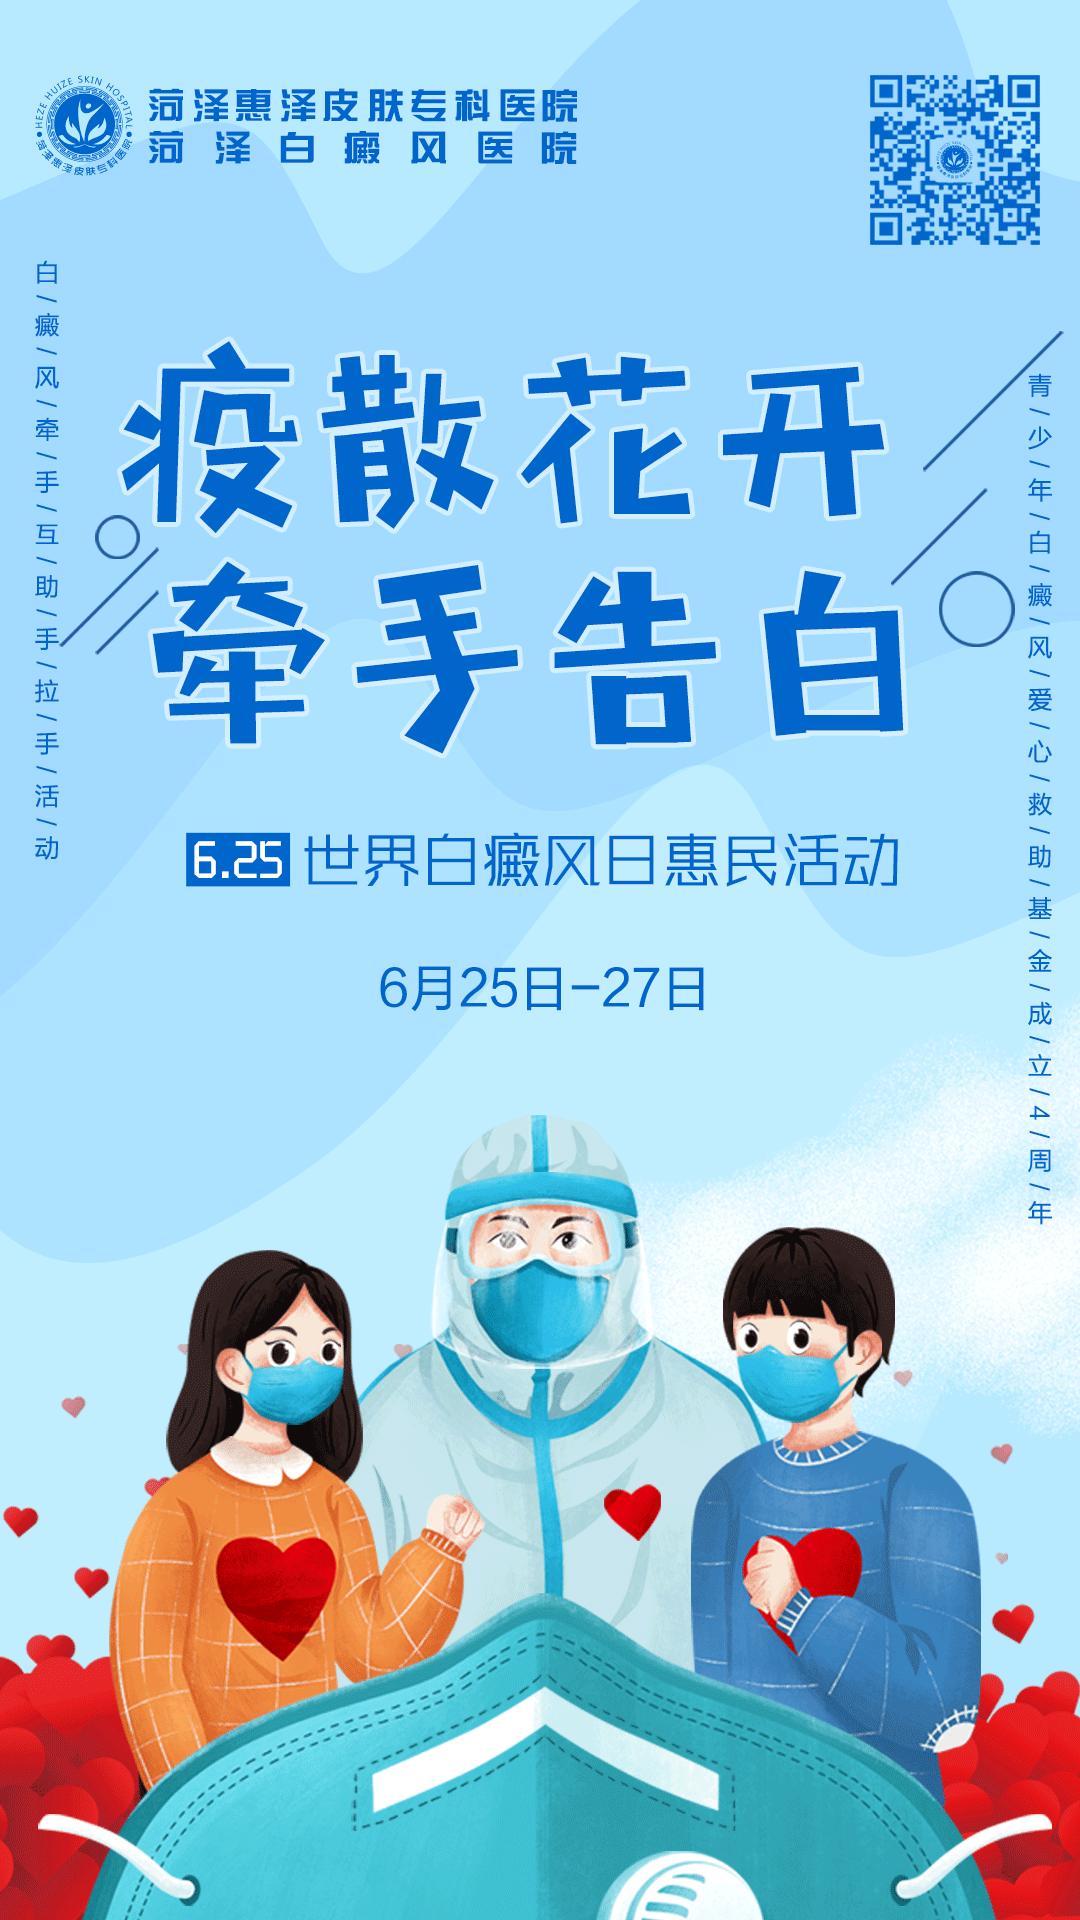 菏泽白癜风医院公益活动